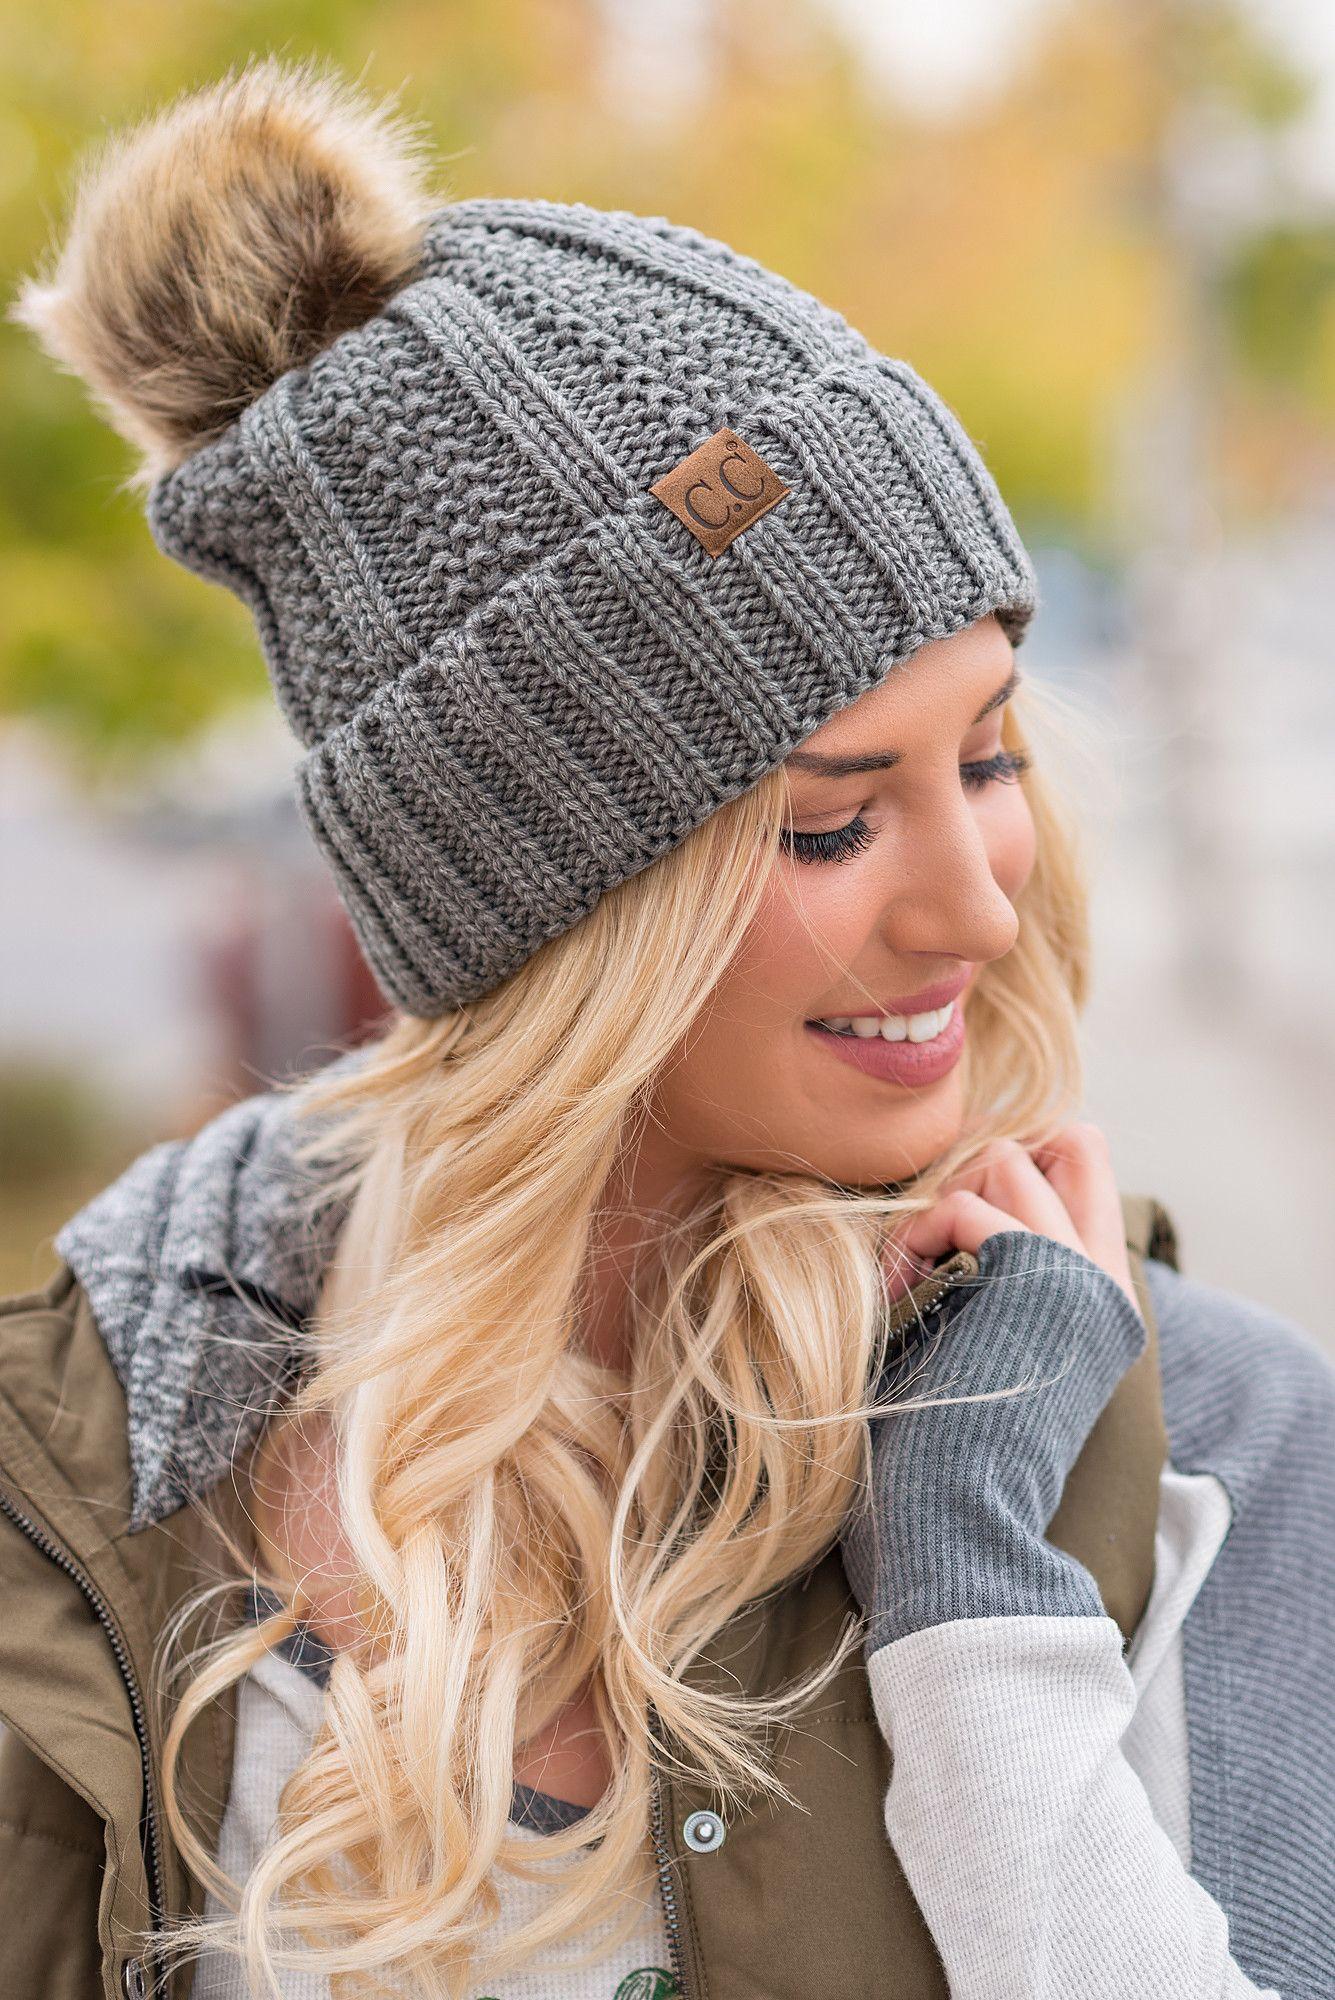 cc knit blanket lined fur pom pom beanie (melange grey) | fur pom